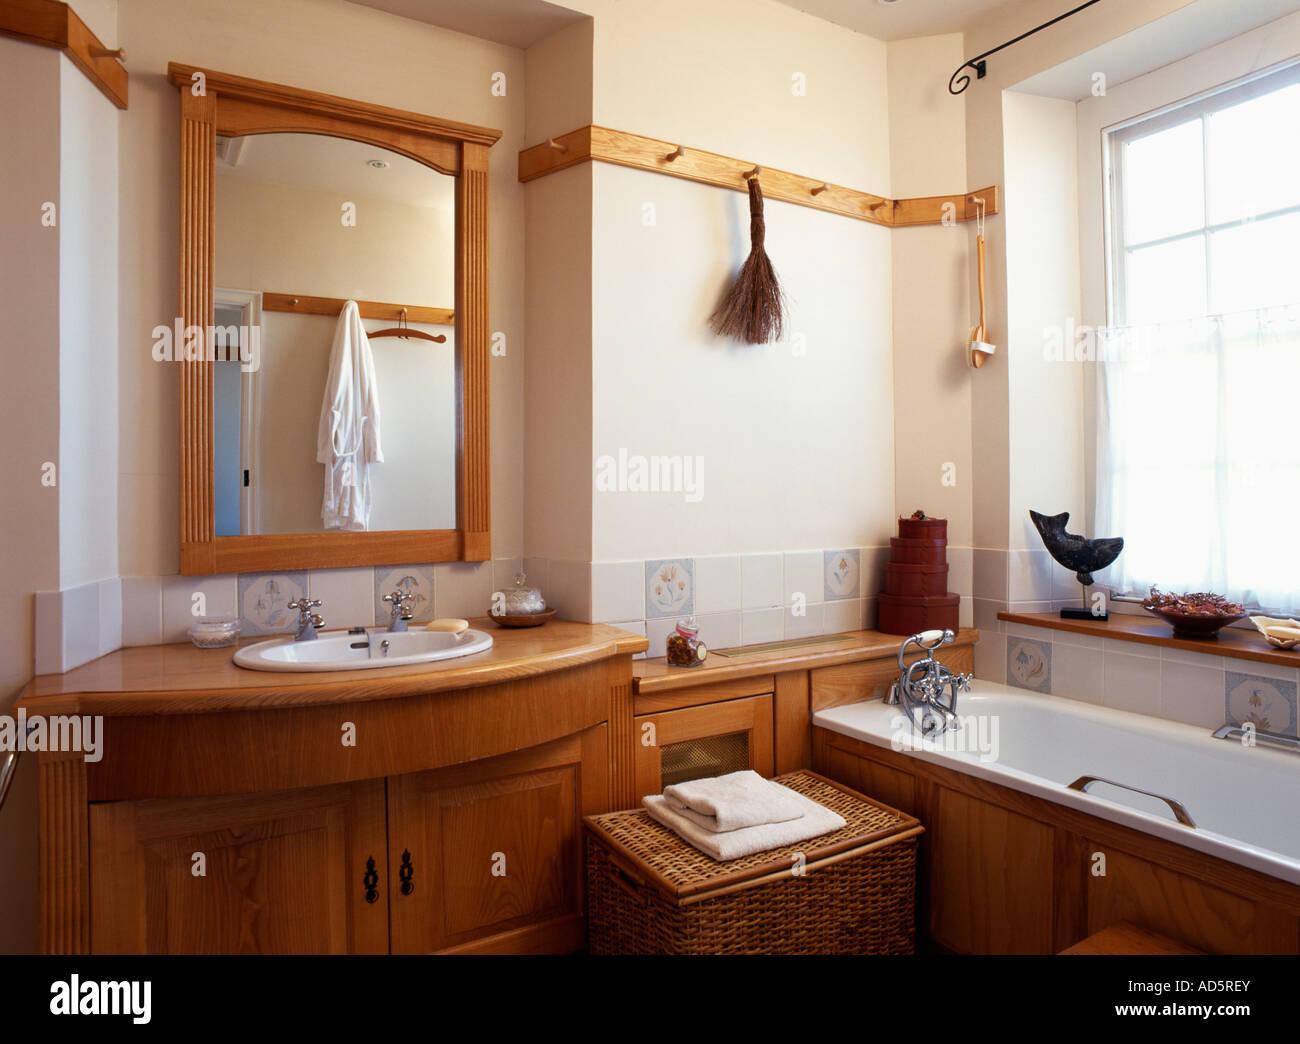 Aus Holz Gerahmten Spiegel Uber Dem Waschbecken Unterschrank Aus